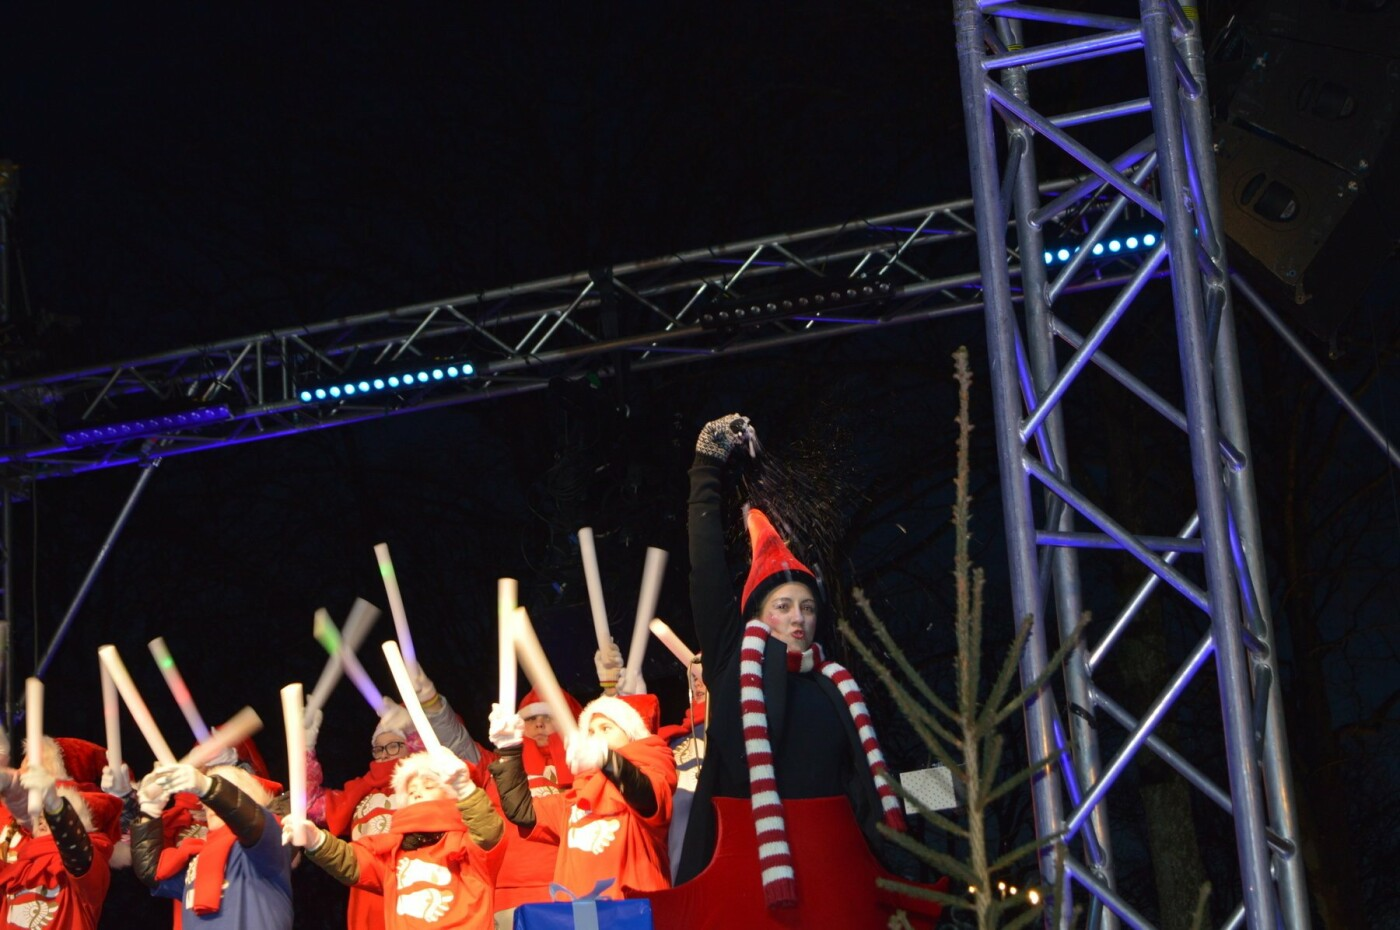 Palanga įžiebė eglę ir suspindo tūkstančiais kalėdinių šviesų, nuotrauka-58